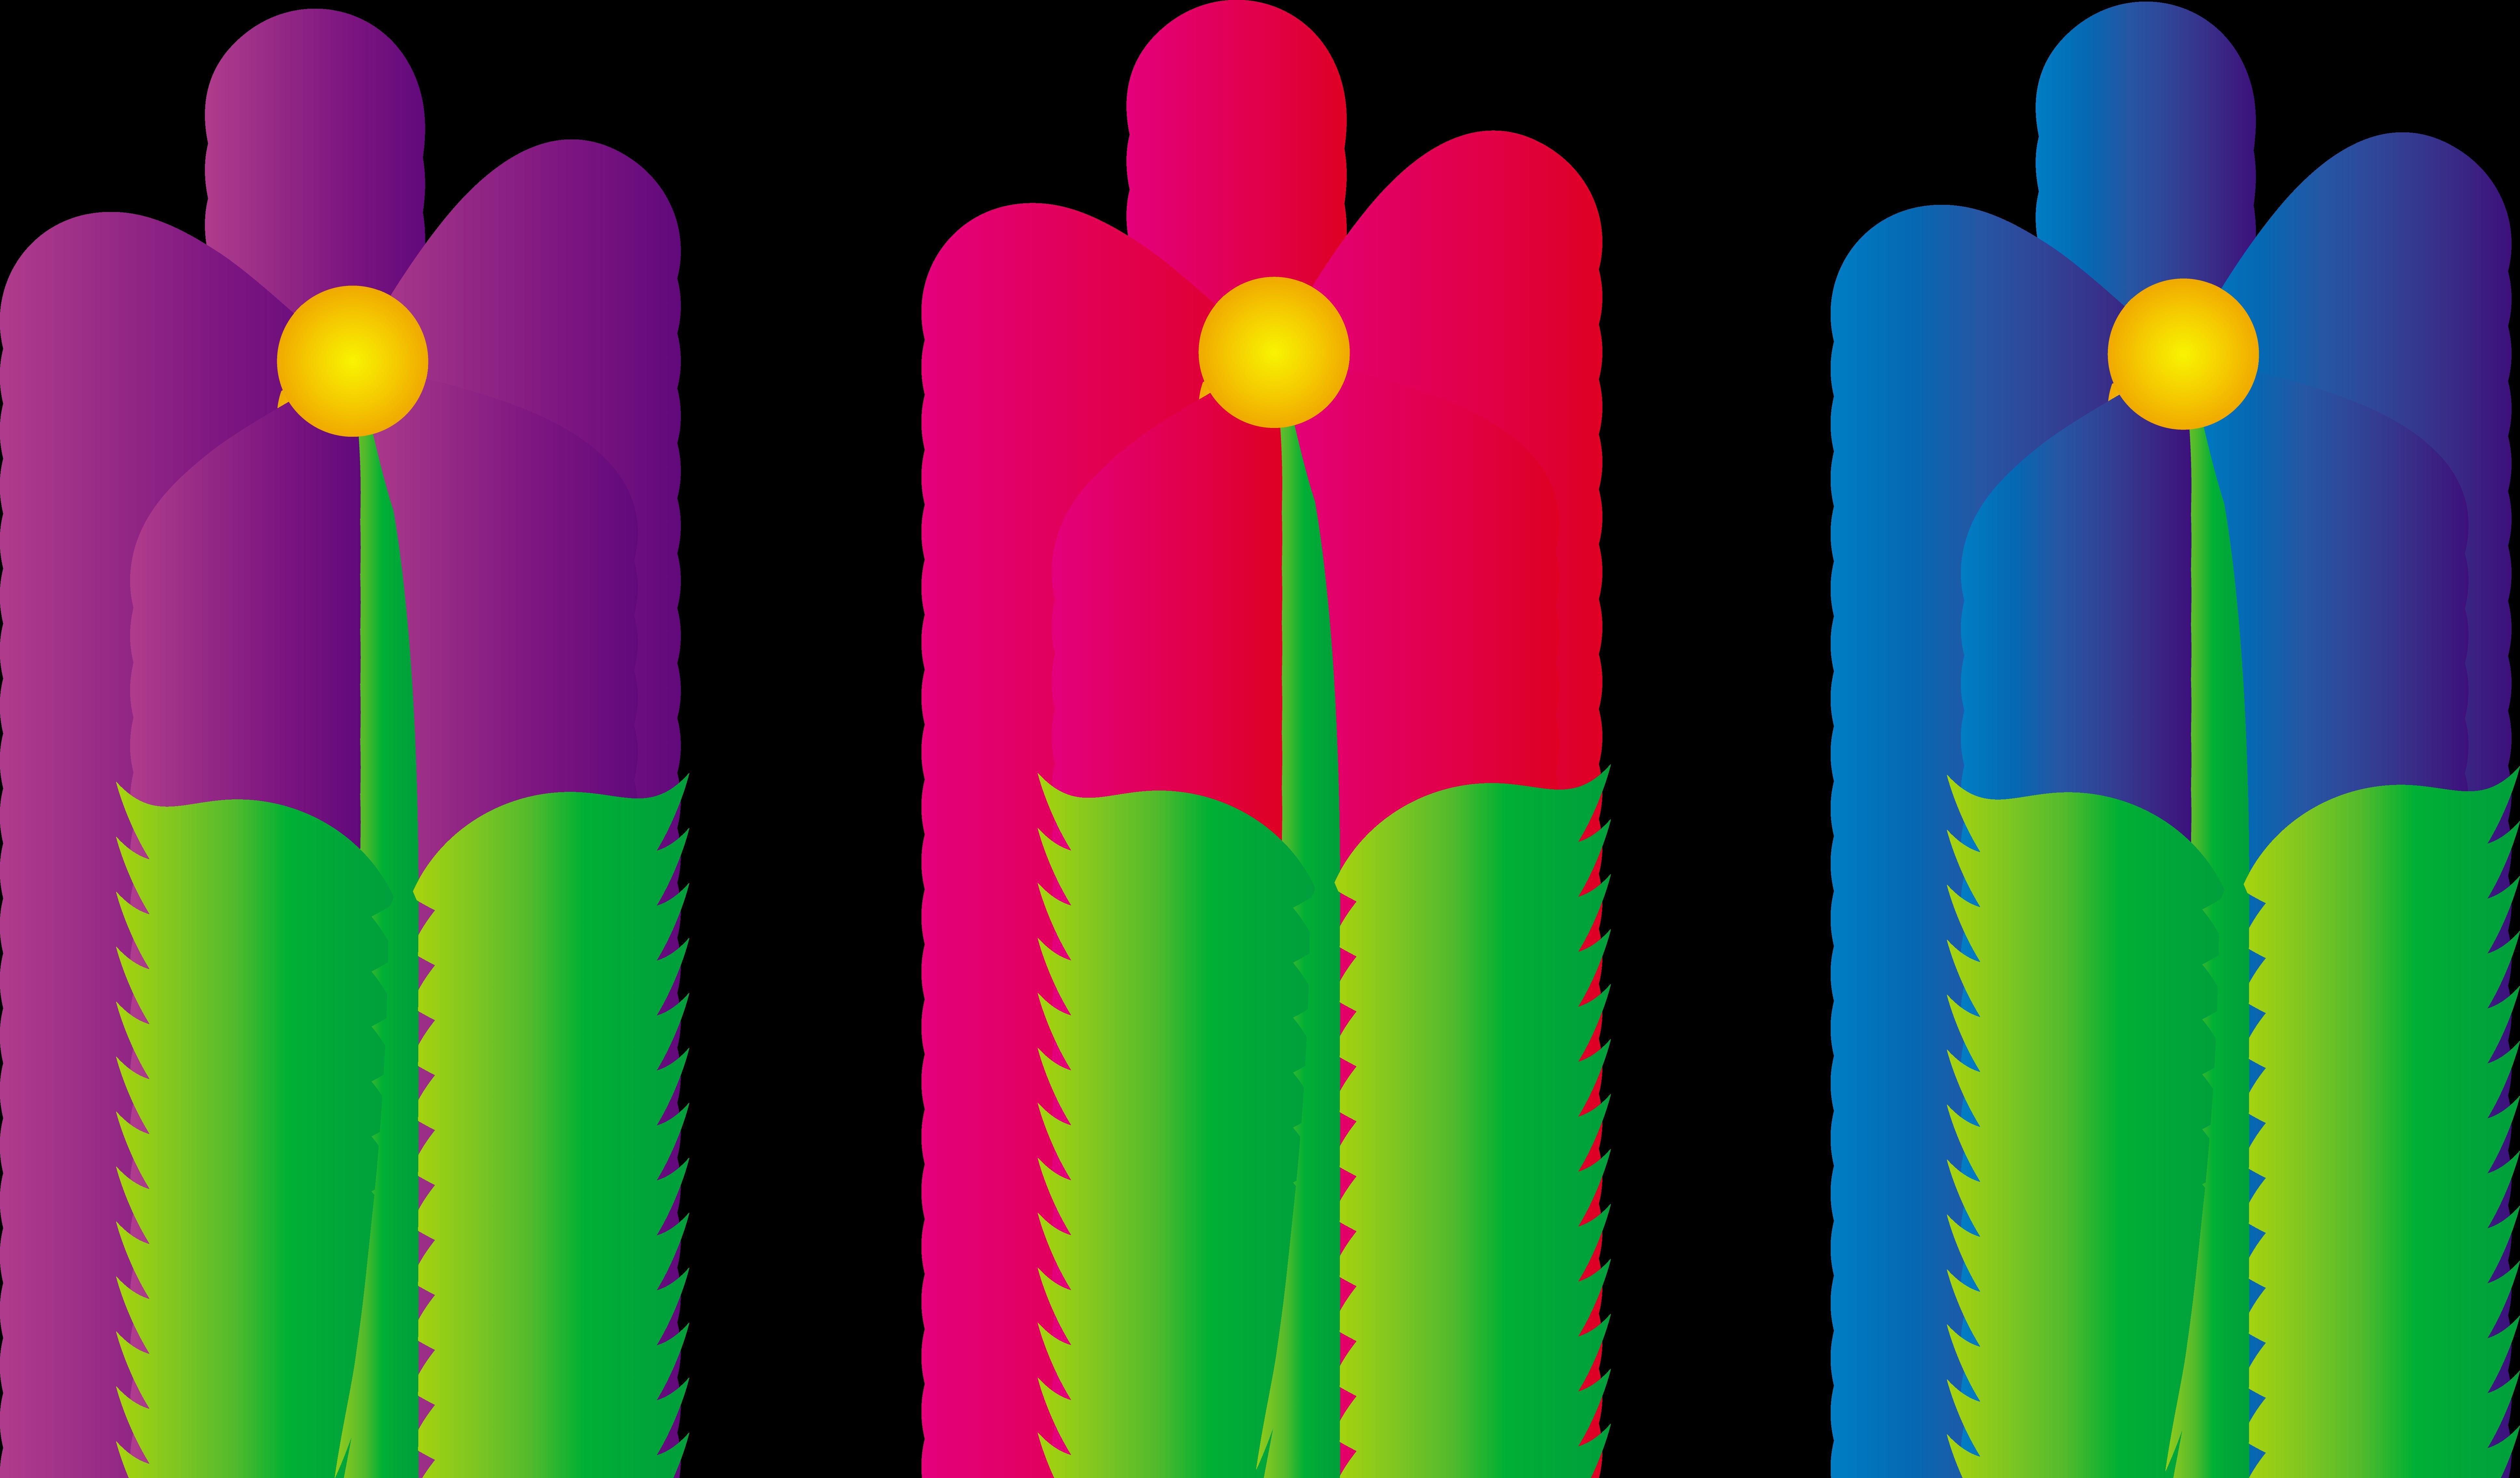 flower border clipart - Clip Art Of Flowers